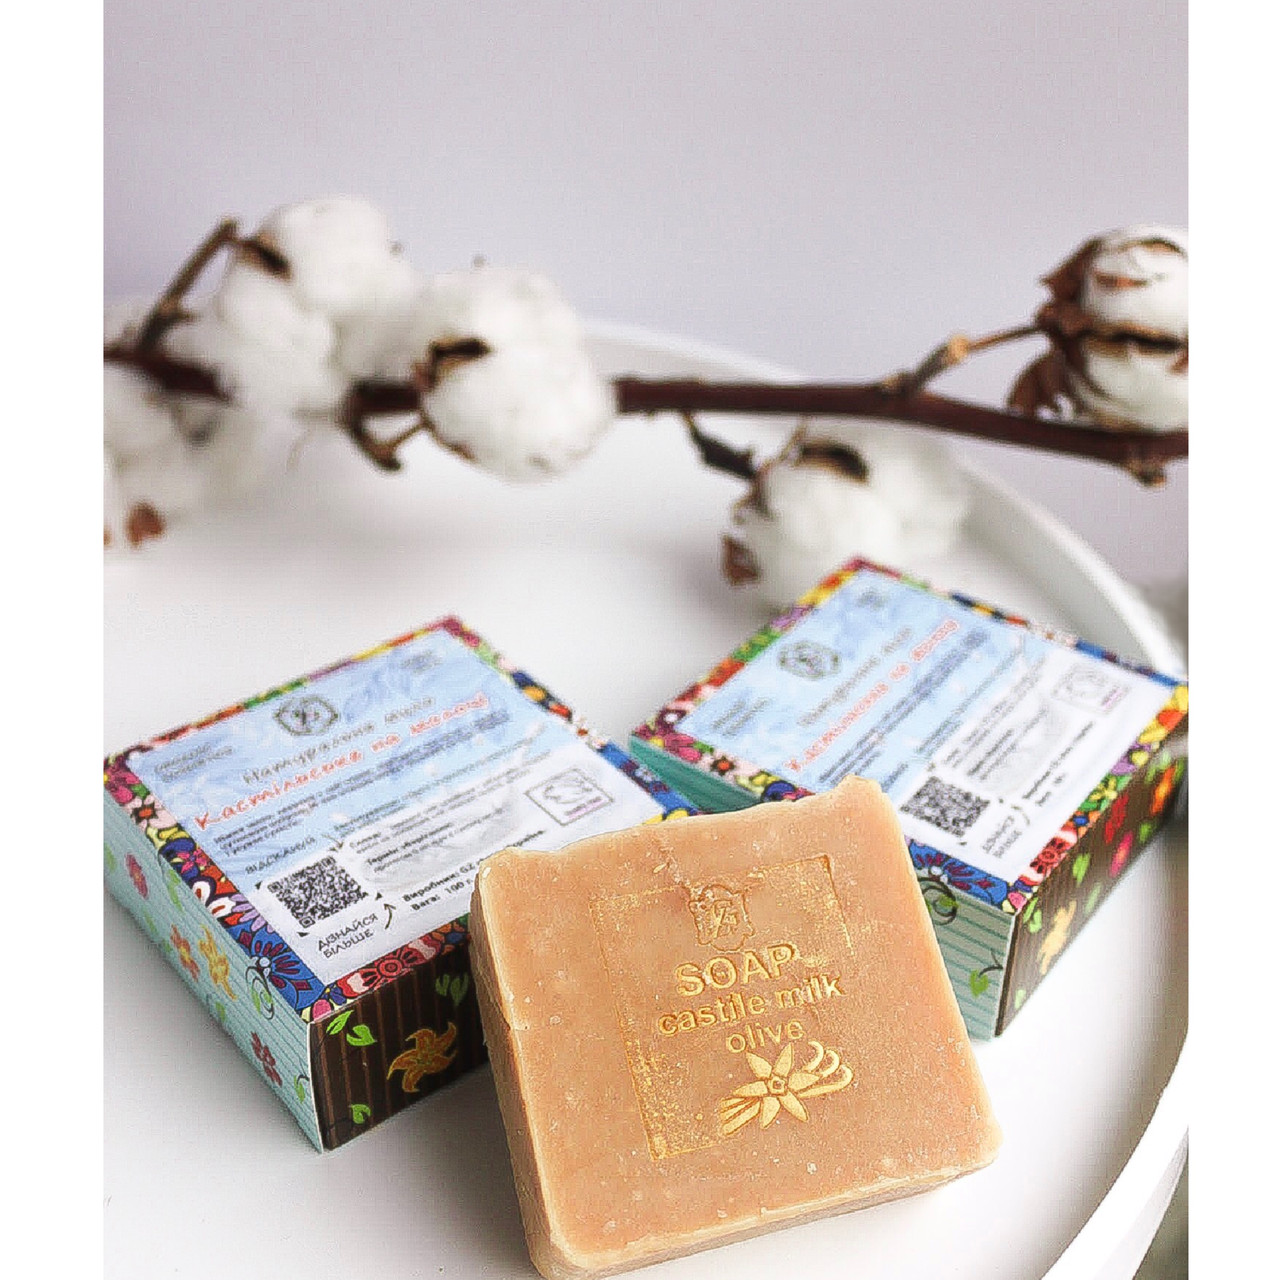 Мило ручної роботи з оливкової олії з козячим молоком Кастильське на молоці брусочок 100 г